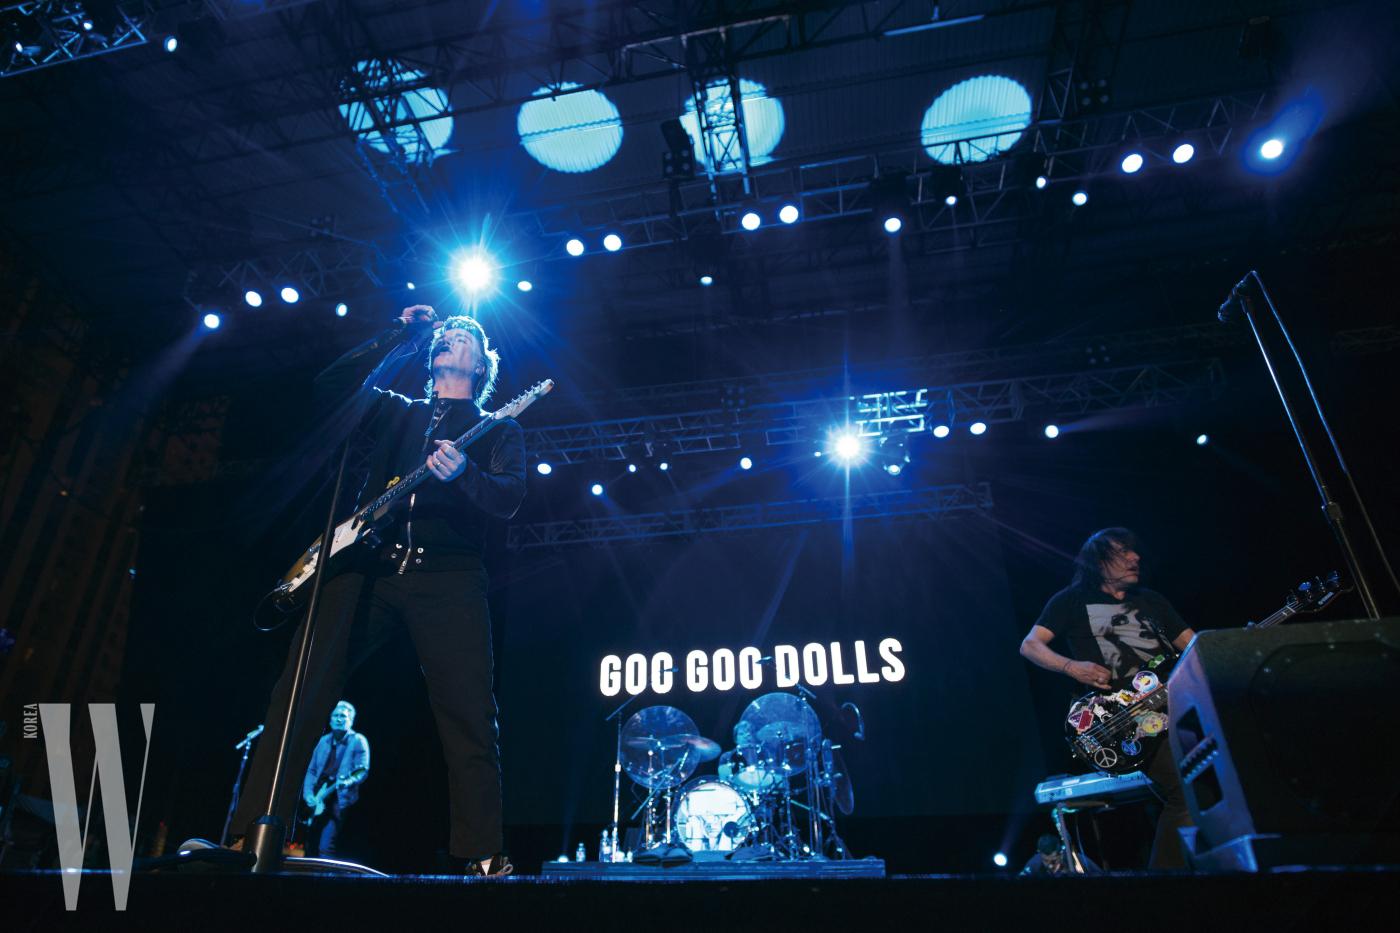 로큰롤 마라톤의 신남 포인트, 코스 마지막 대공연장에 위치한 록 밴드 공연!